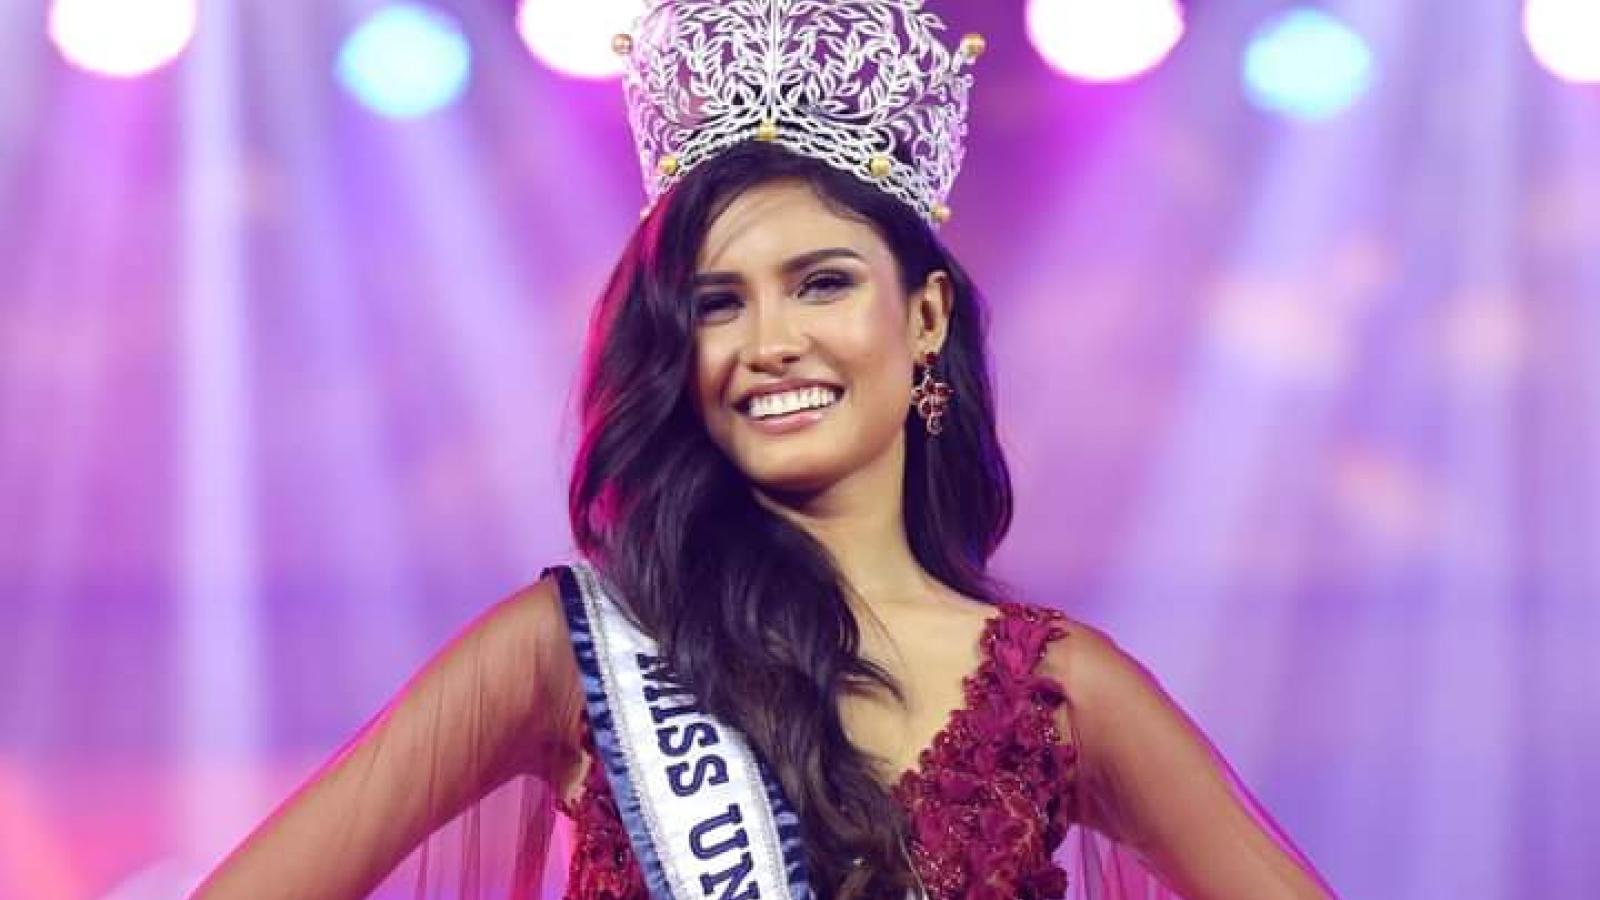 Ngắm nhan sắc người đẹp lai đăng quang Hoa hậu Hoàn vũ Philippines 2020